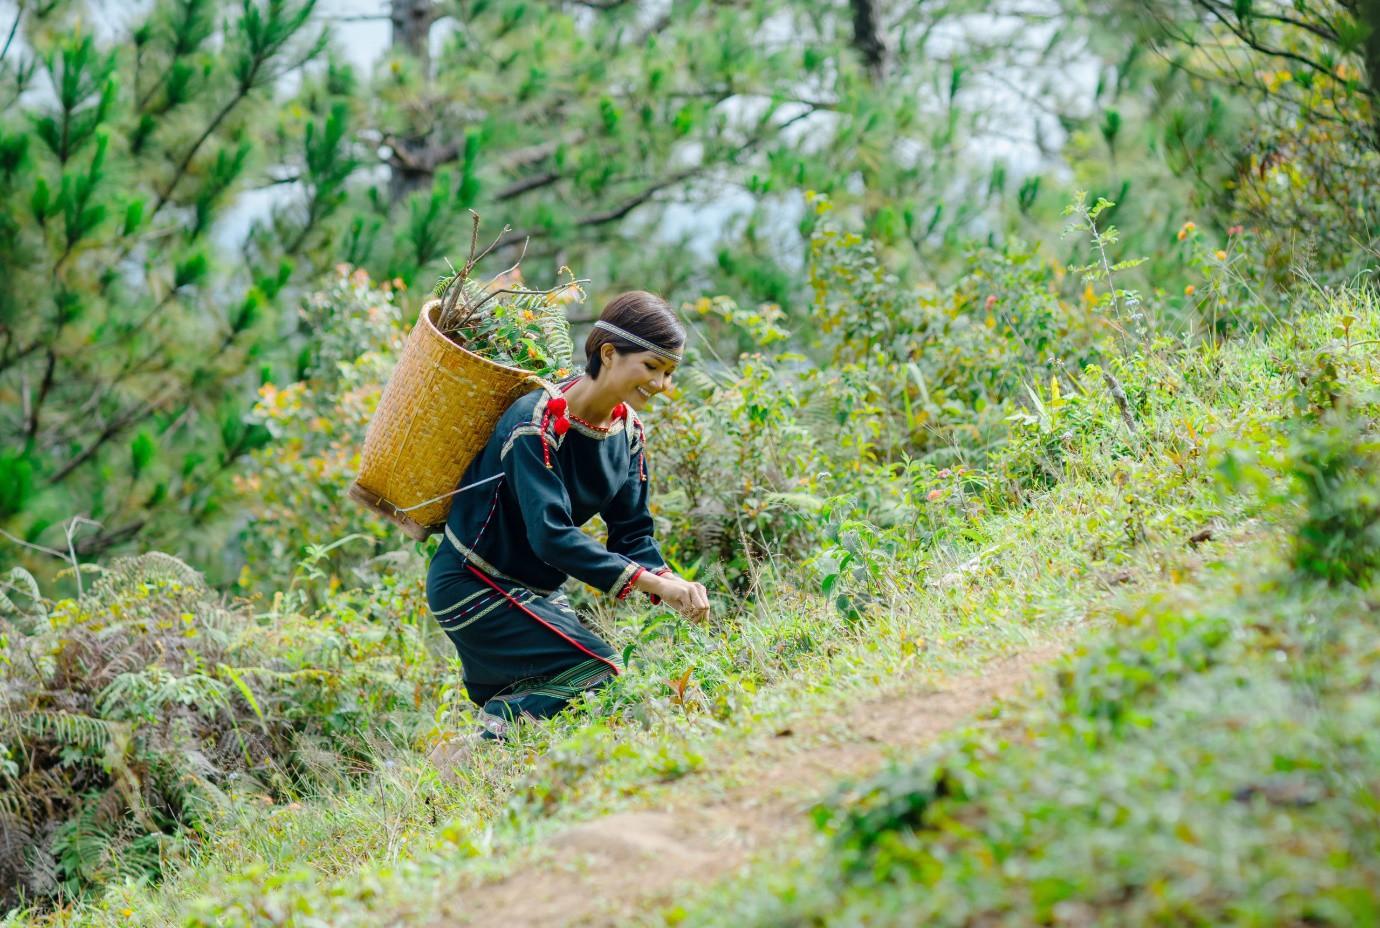 H'Hen Niê tiếp thêm nguồn cảm hứng mới cho du lịch Lâm Đồng - Ảnh 1.